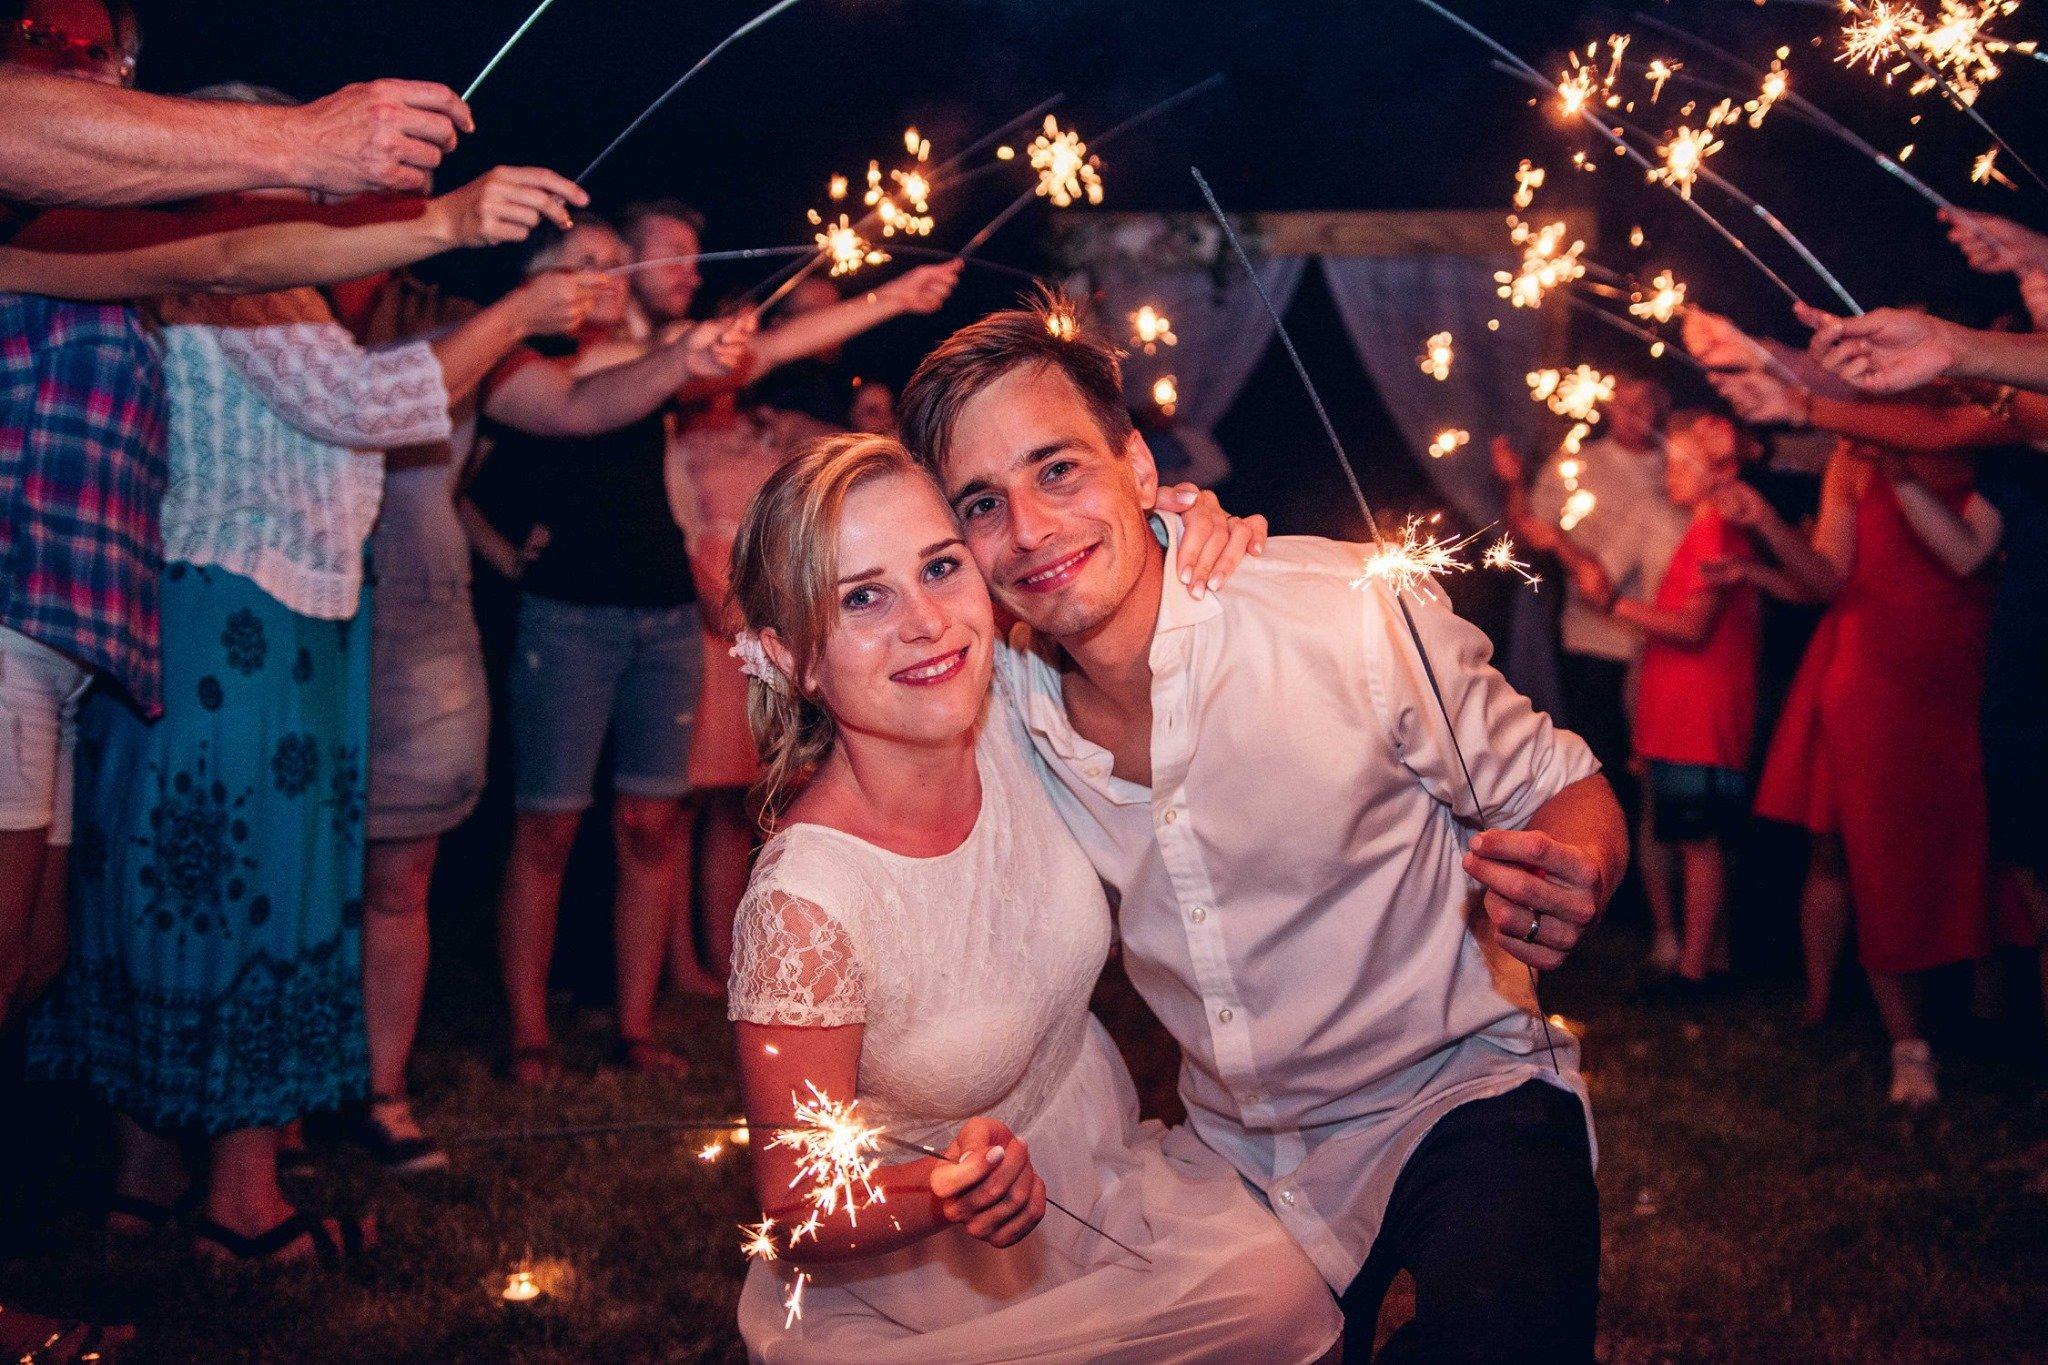 svatba, svatební fotograf, jičín, prskavky, focení s prskavkami, svatební fotograf Jičín